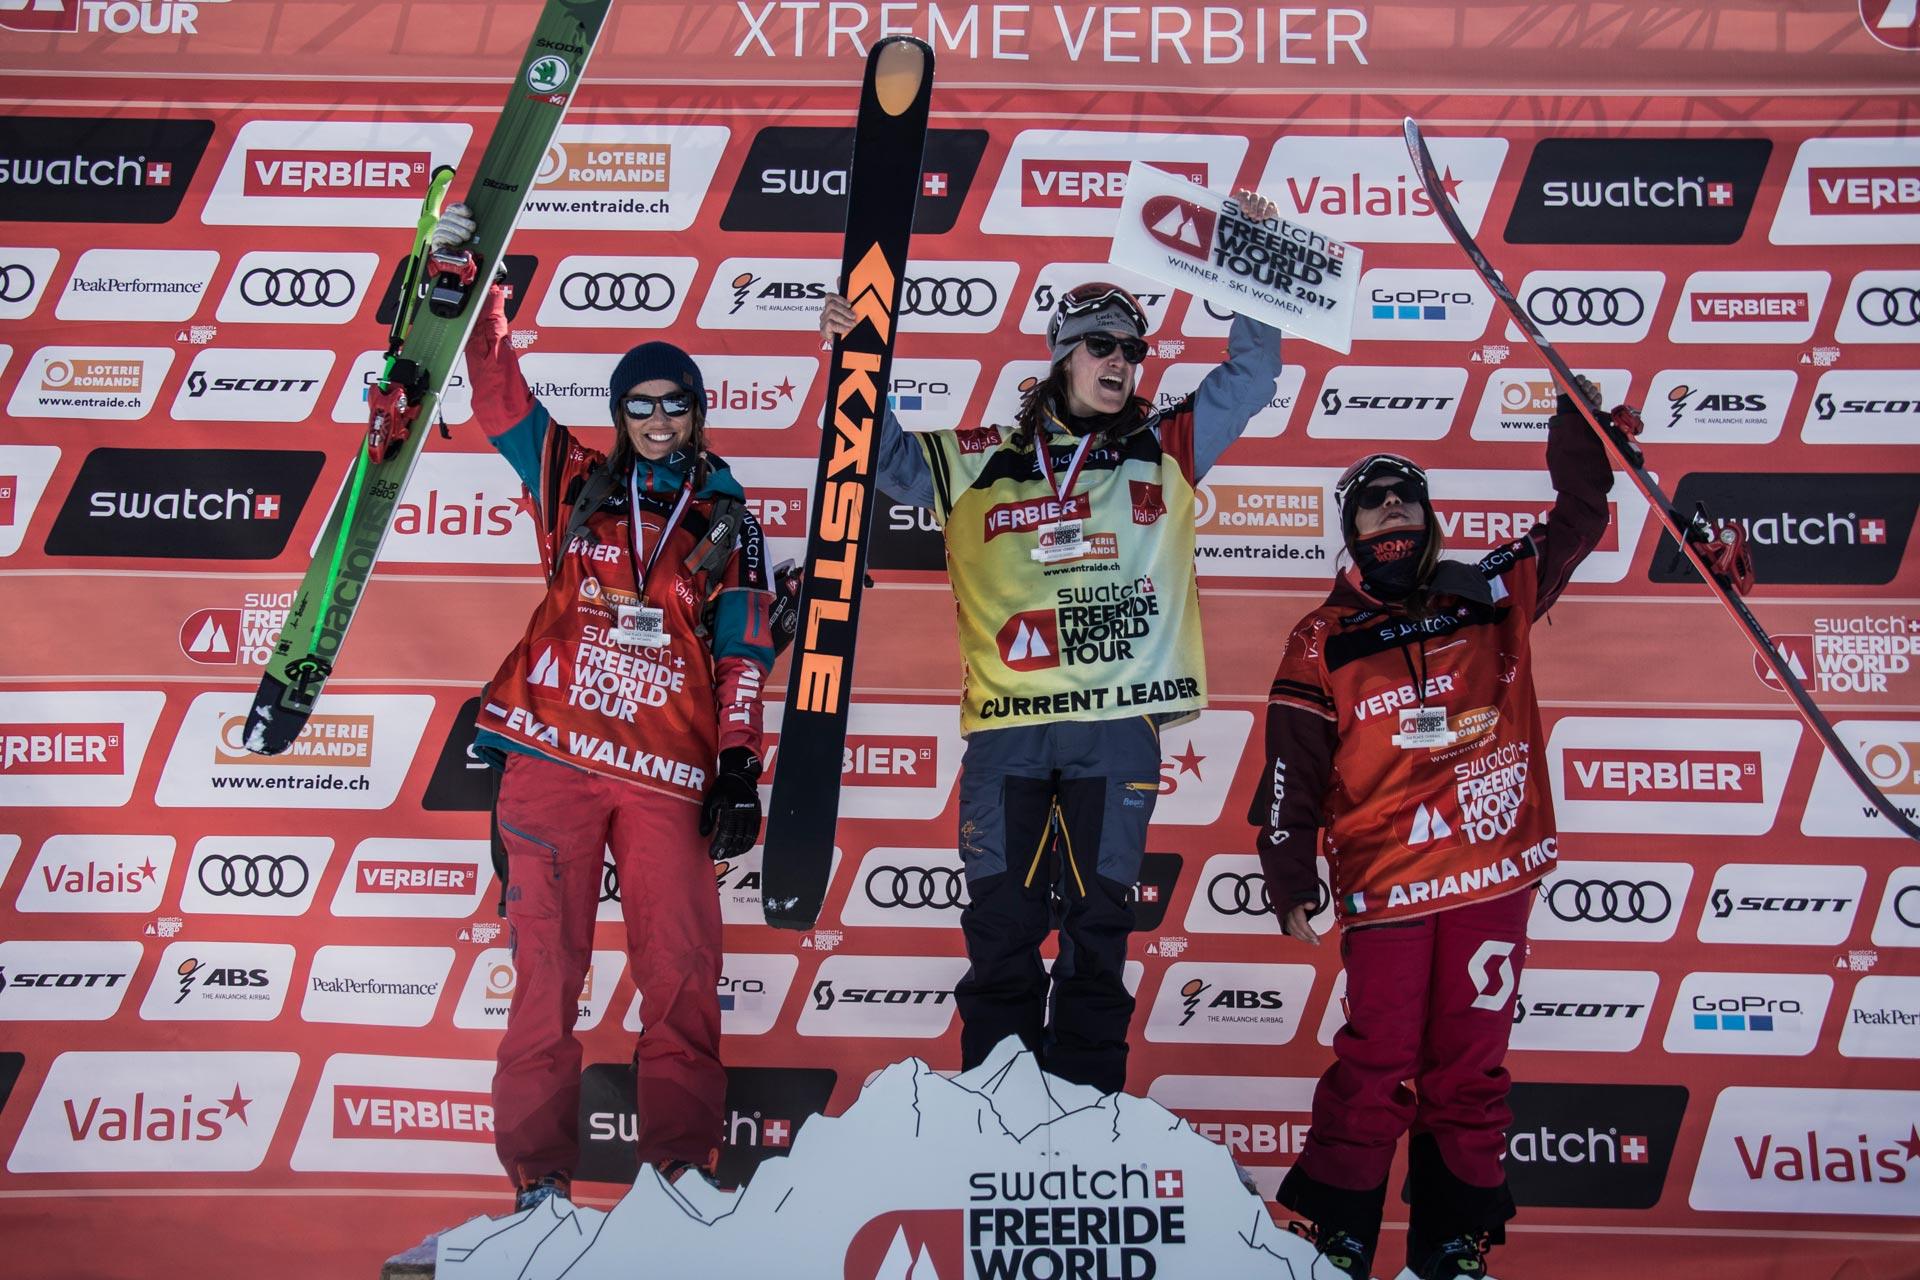 Die neue Freeride Weltmeisterin 2017: Lorraine Huber! Auf dem zweiten Platz (links) Eva Walkner, der dritte Rang geht an die Italienerin Arianna Tricomi - Foto: D. Daher